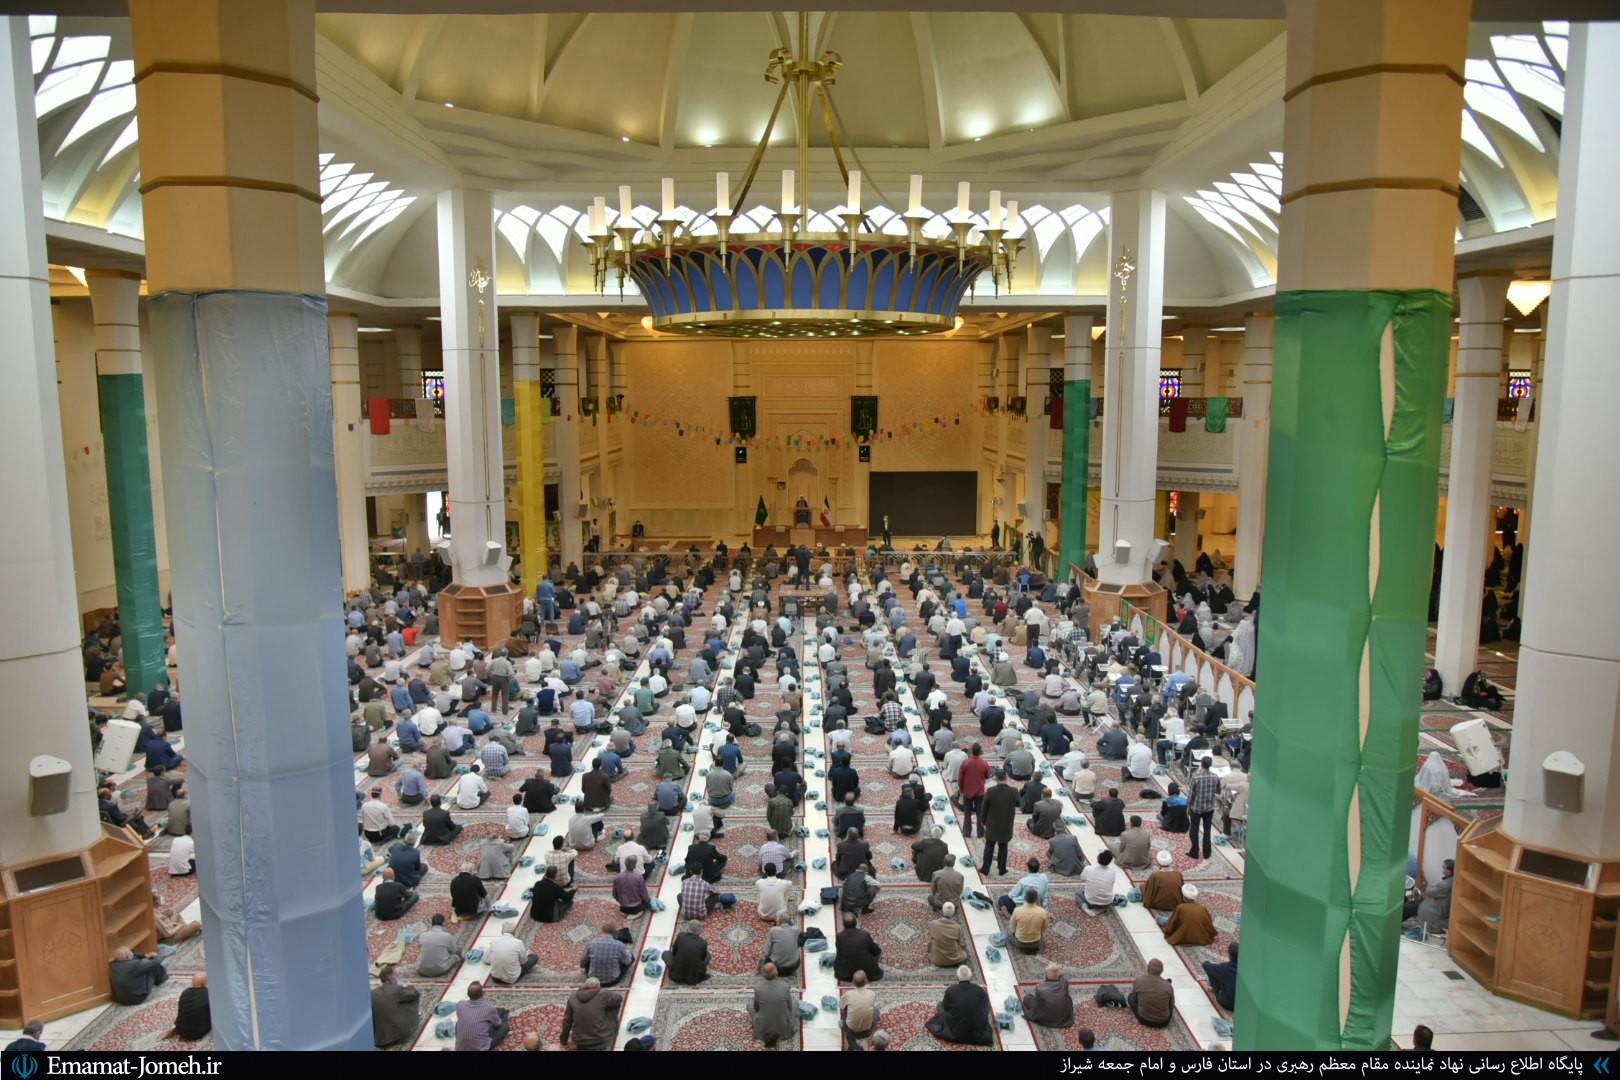 آخرین نماز جمعه سال ۹۹ به امامت آیت الله دژکام